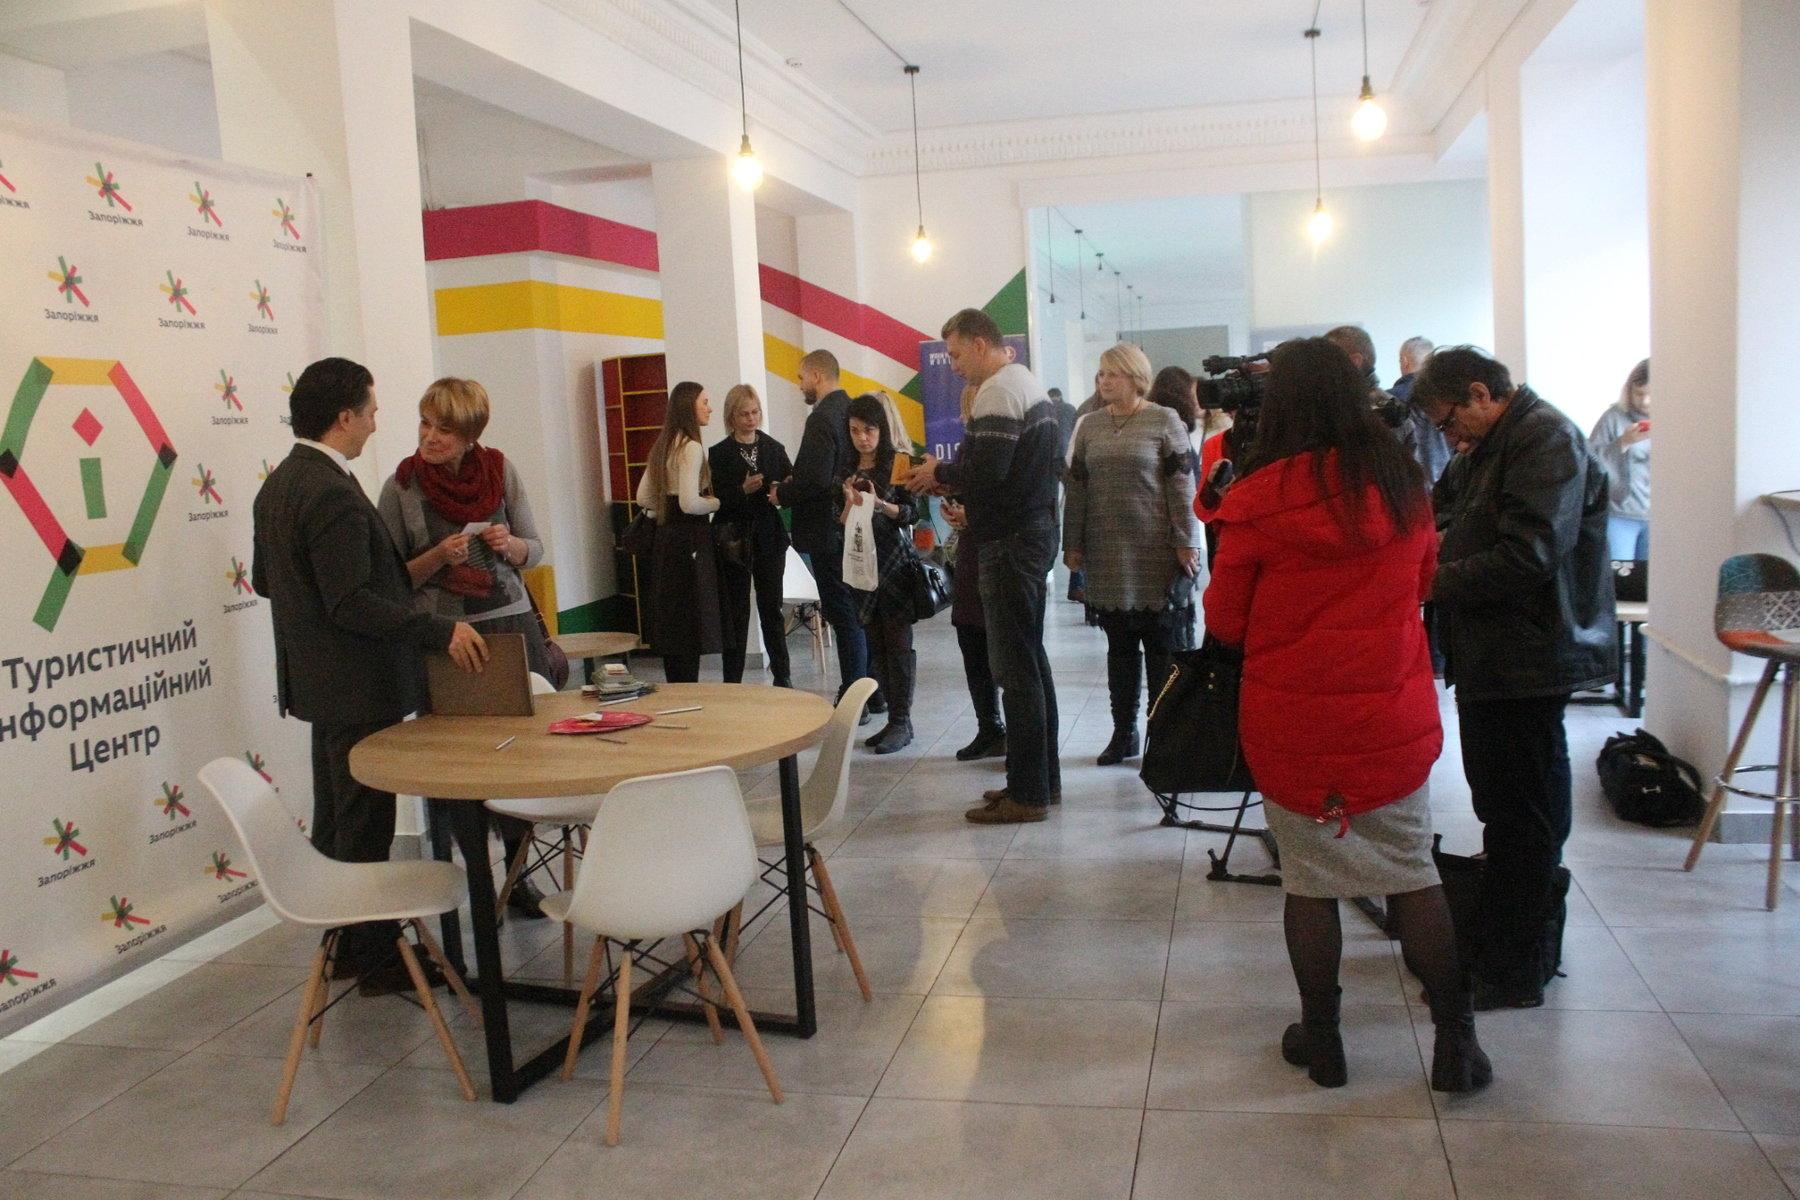 Как в Запорожье прошел второй день Туристического бизнес-форума, – ФОТОРЕПОРТАЖ